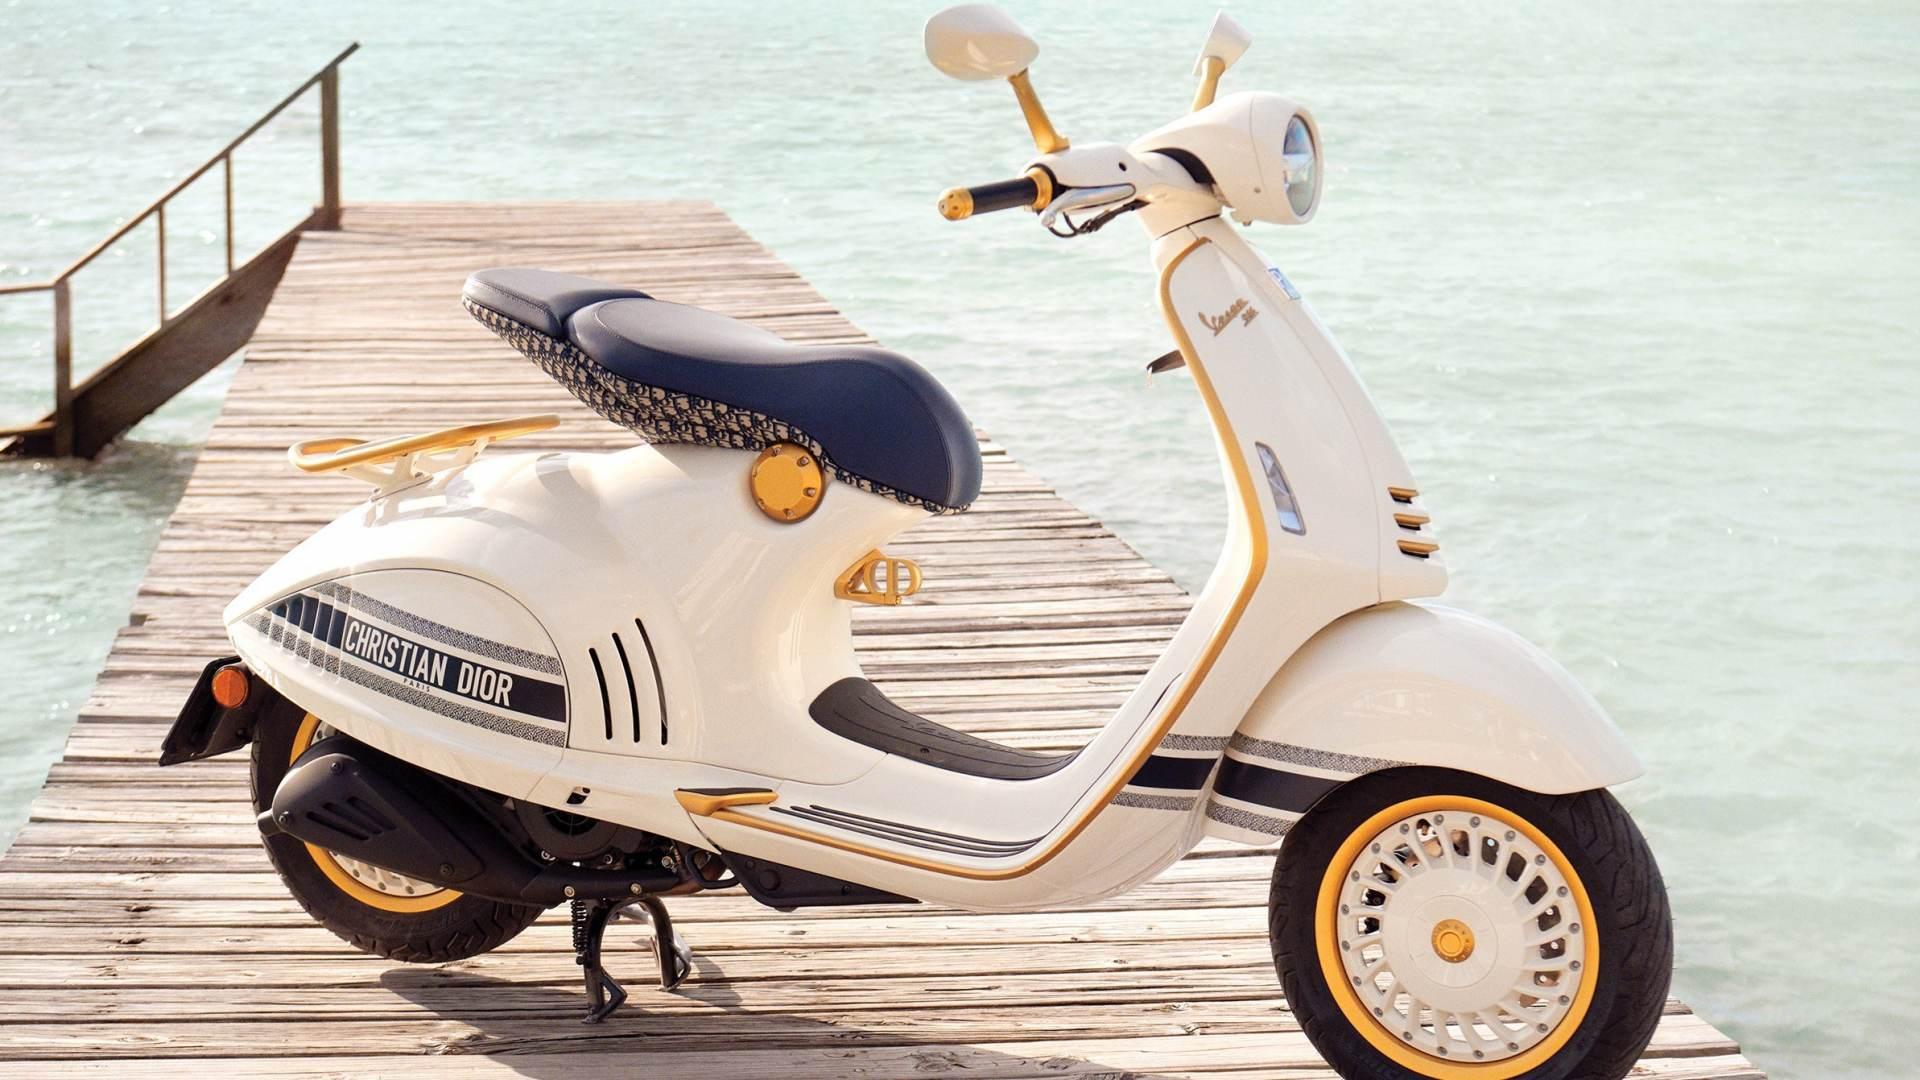 Vespa 946 Christian Dior, due icone in un unico scooter thumbnail